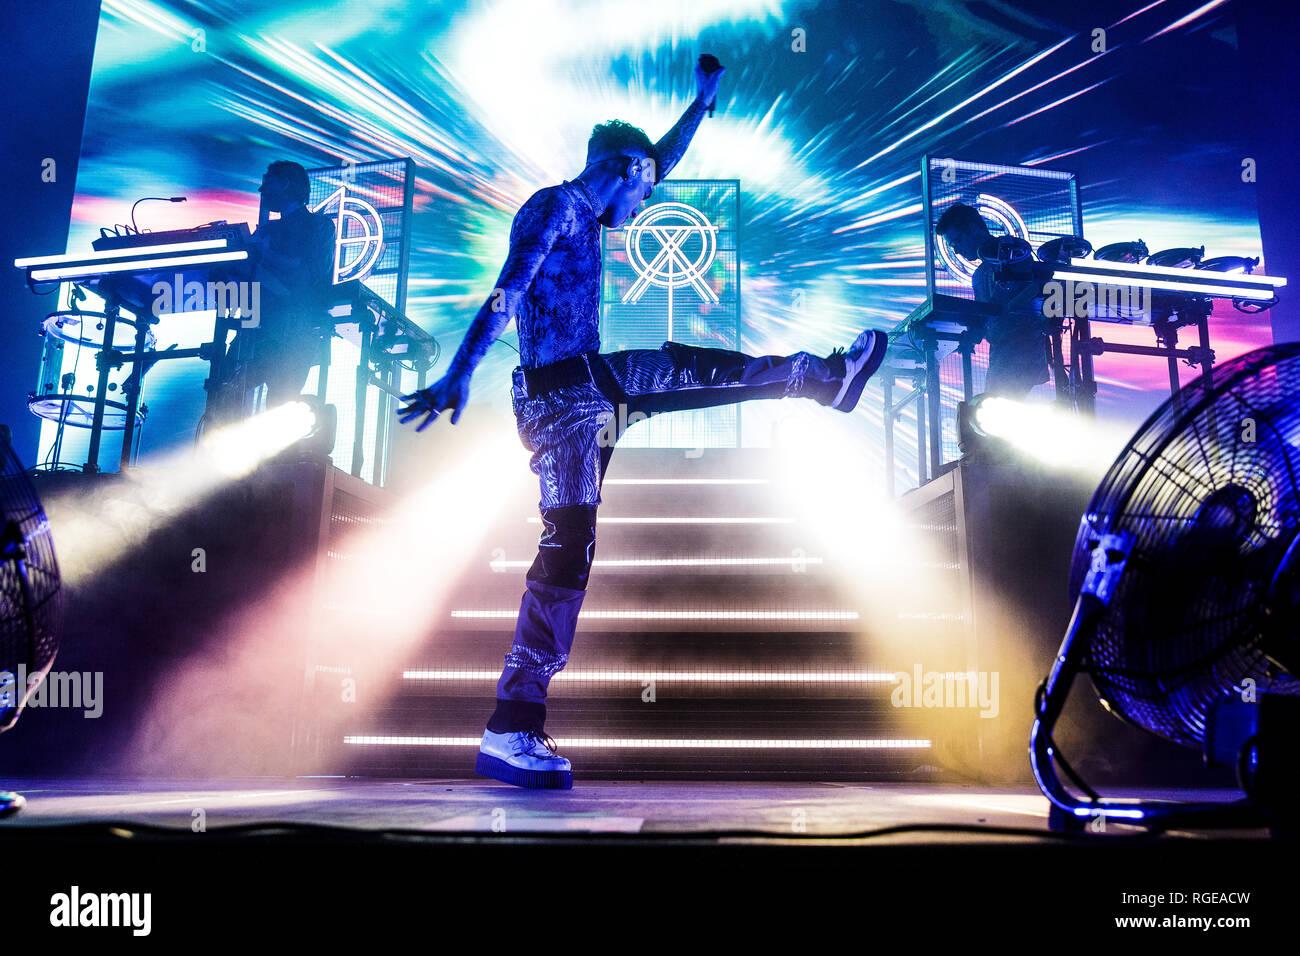 Copenhague, Danemark - janvier 28, 2019. L'electronica britannique trio Ans et ans effectue un concert live à KB Hallen à Copenhague. Ici singer Olly Alexander est vu sur scène. (Photo crédit: Gonzales Photo - Peter Troest). Gonzales: Crédit Photo/Alamy Live News Photo Stock